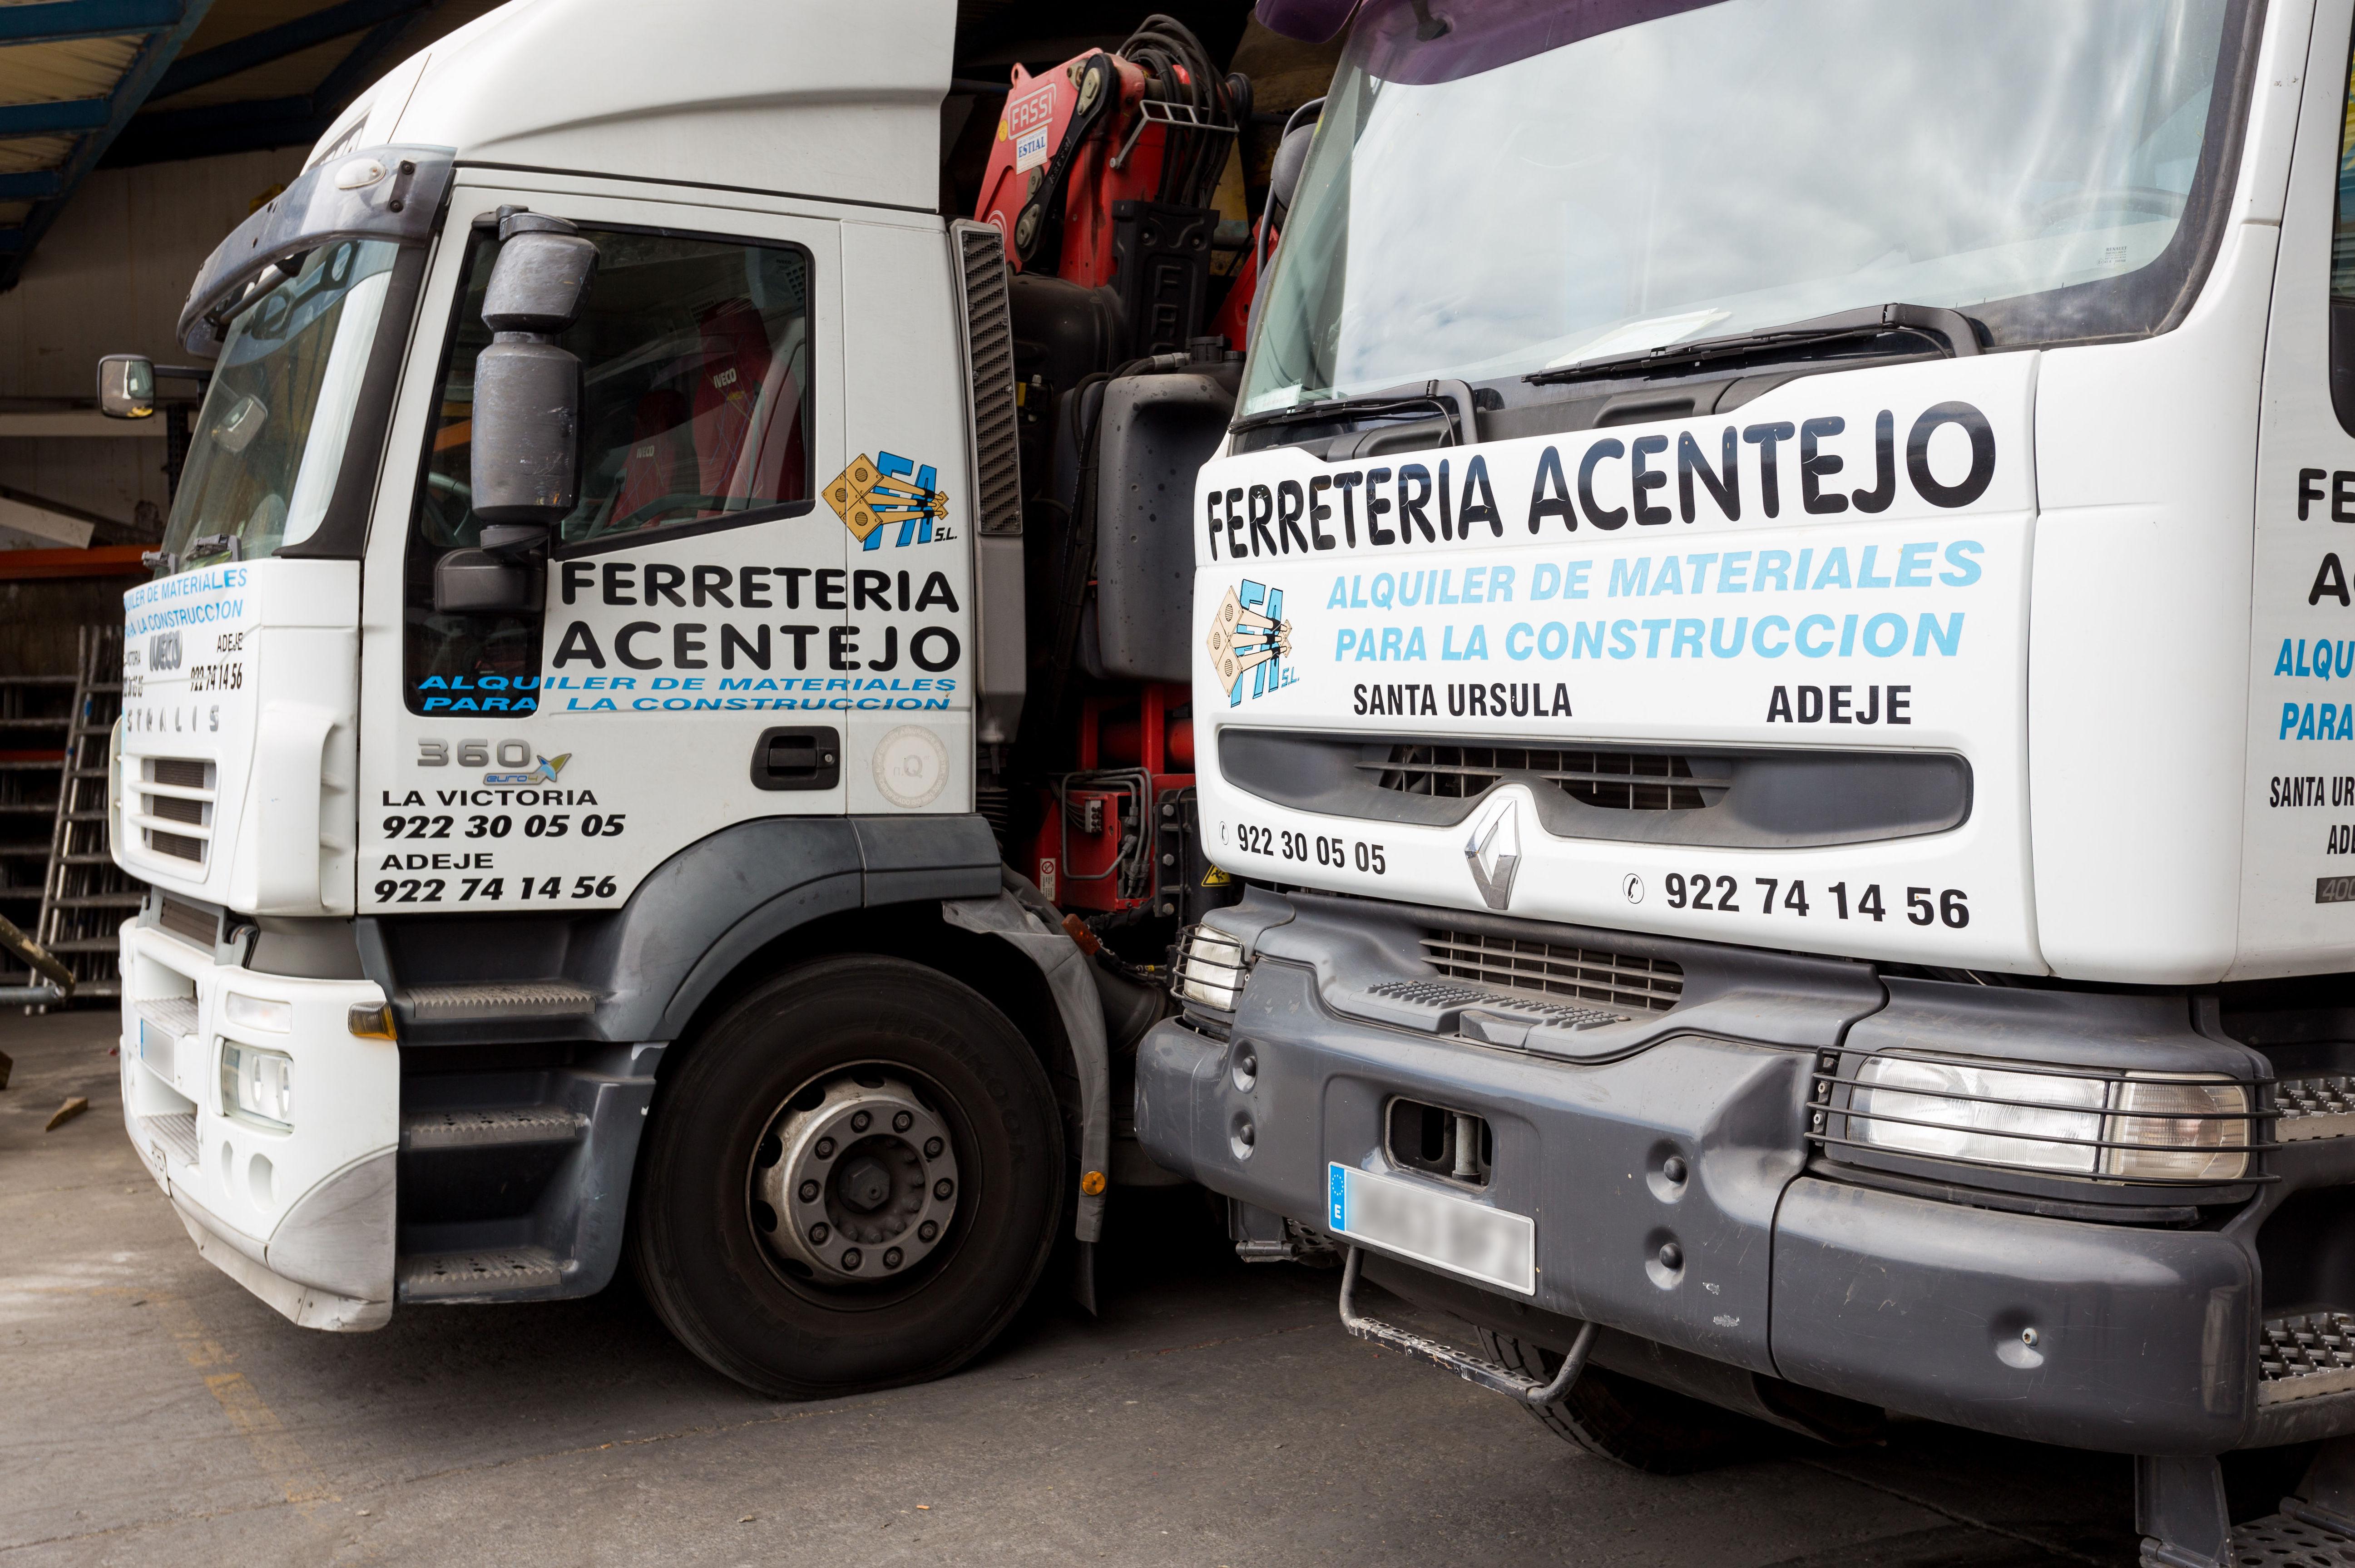 Foto 80 de Máquinas herramienta en La Victoria de Acentejo | Ferretería Acentejo, S.L.